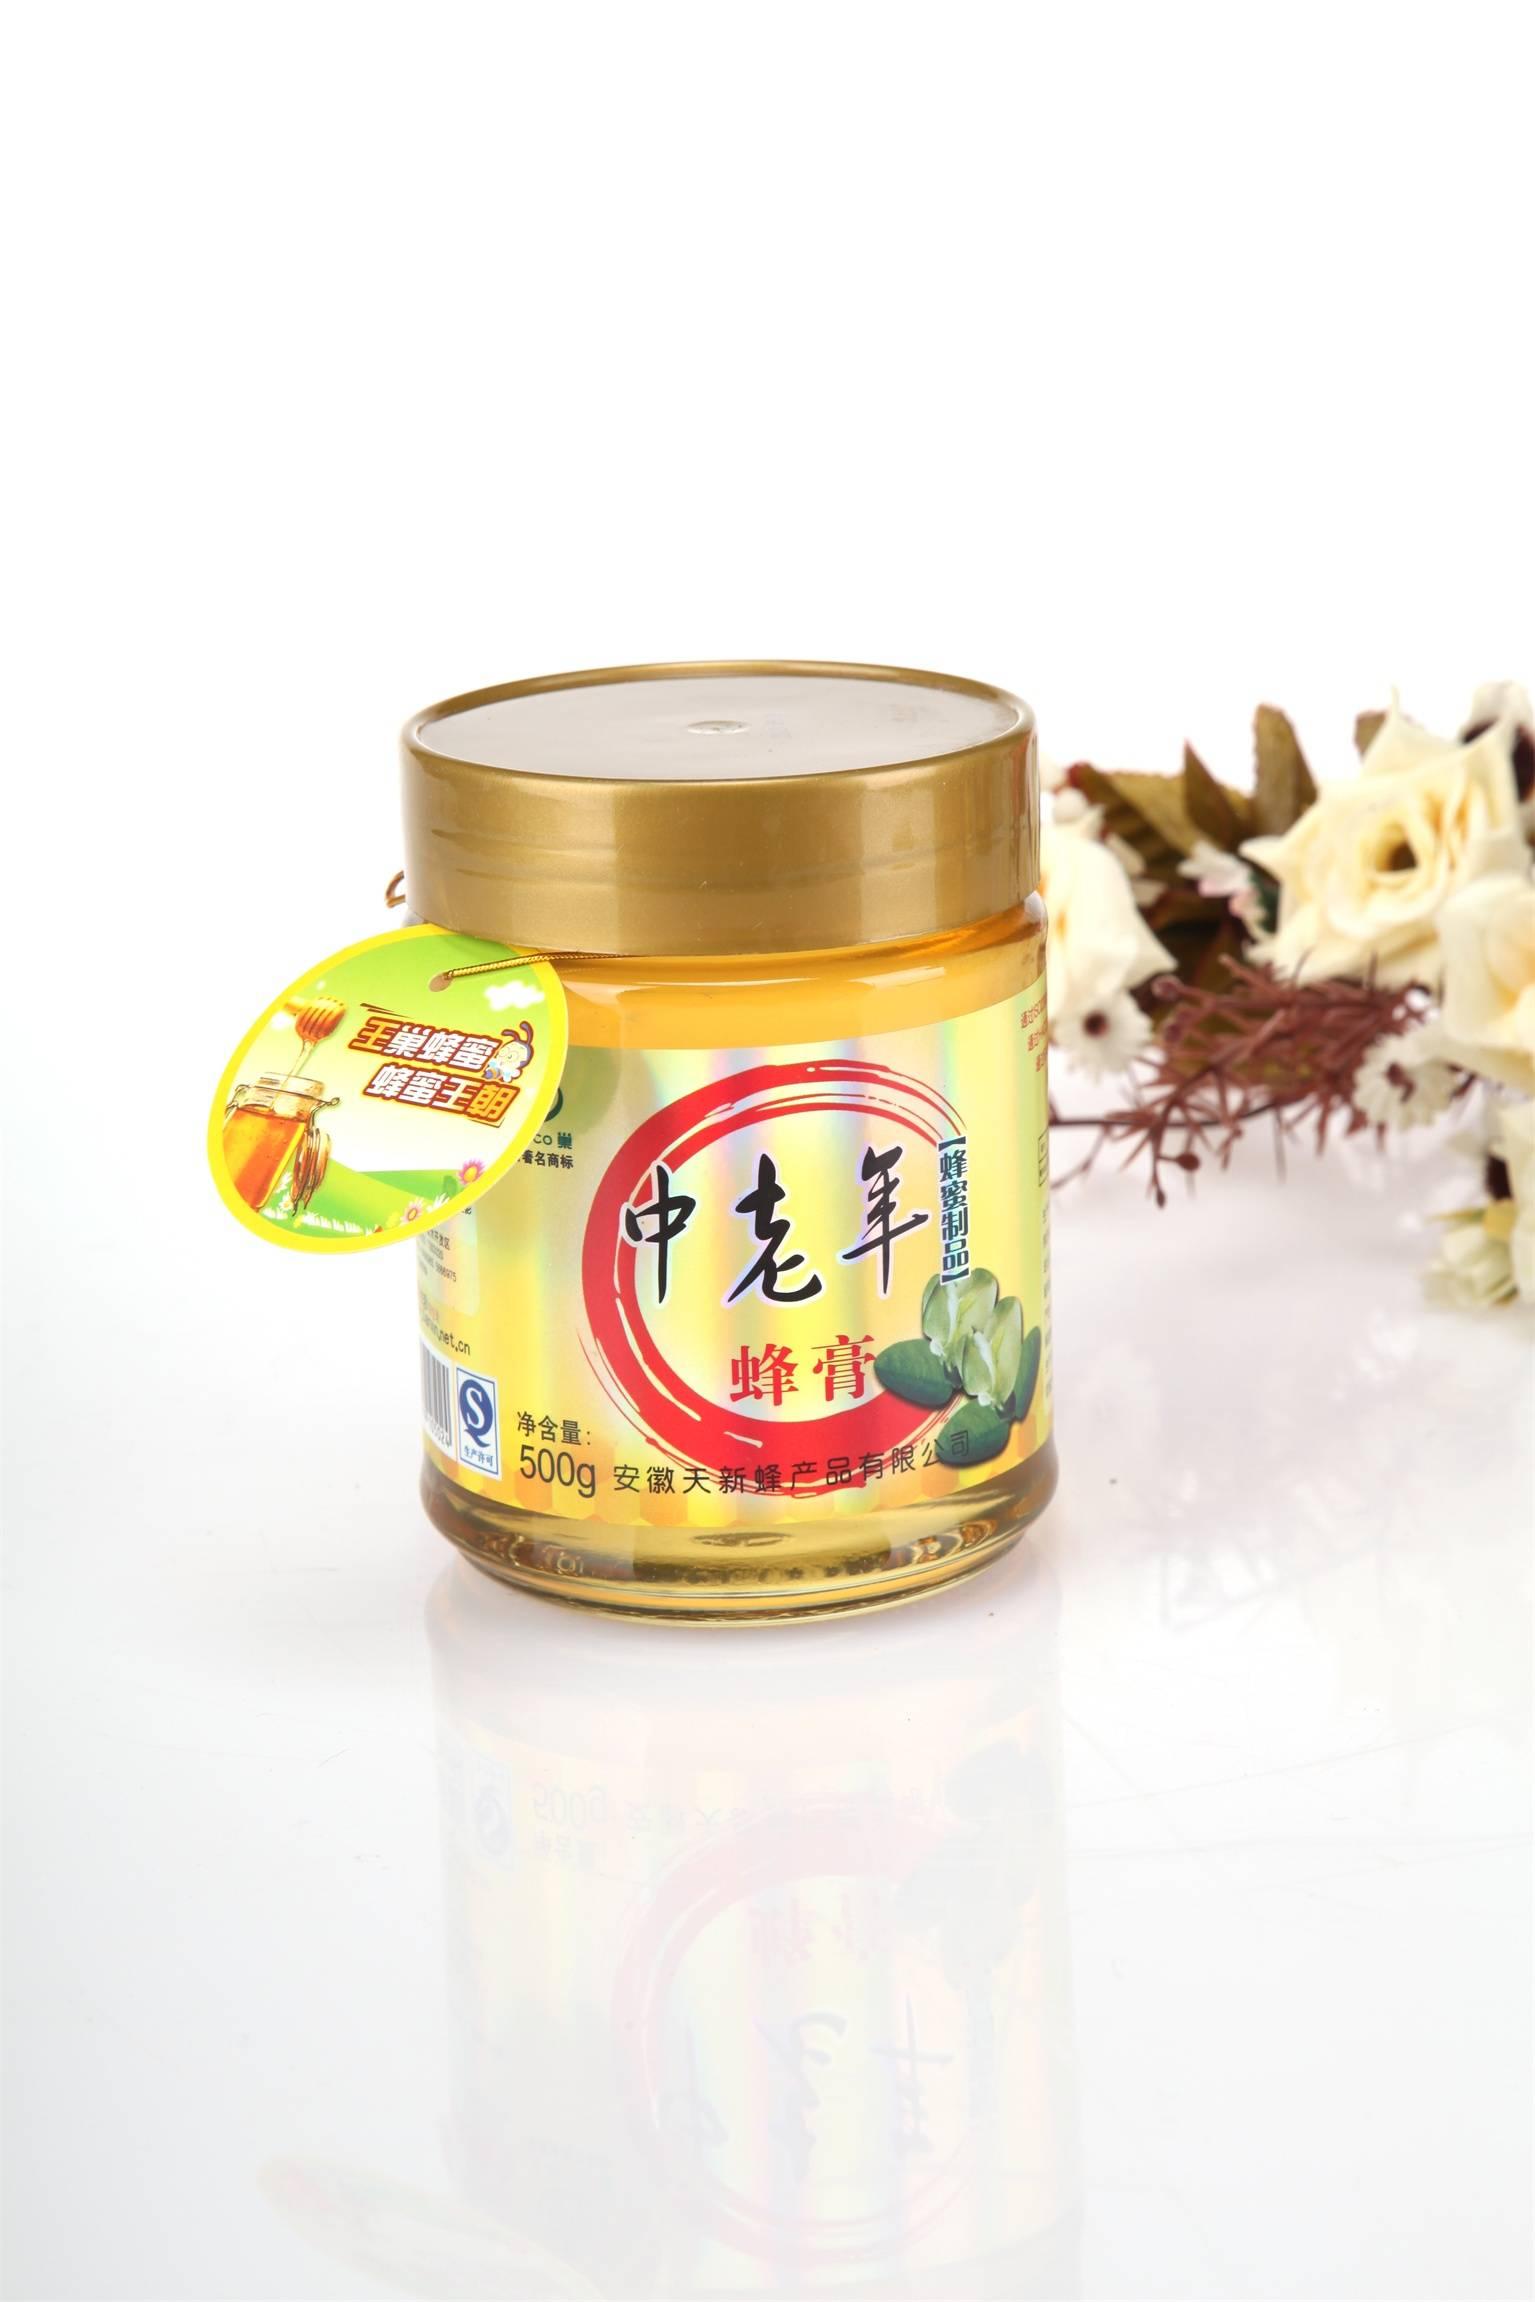 王巢 中老年蜂蜜膏 500g  瓶装